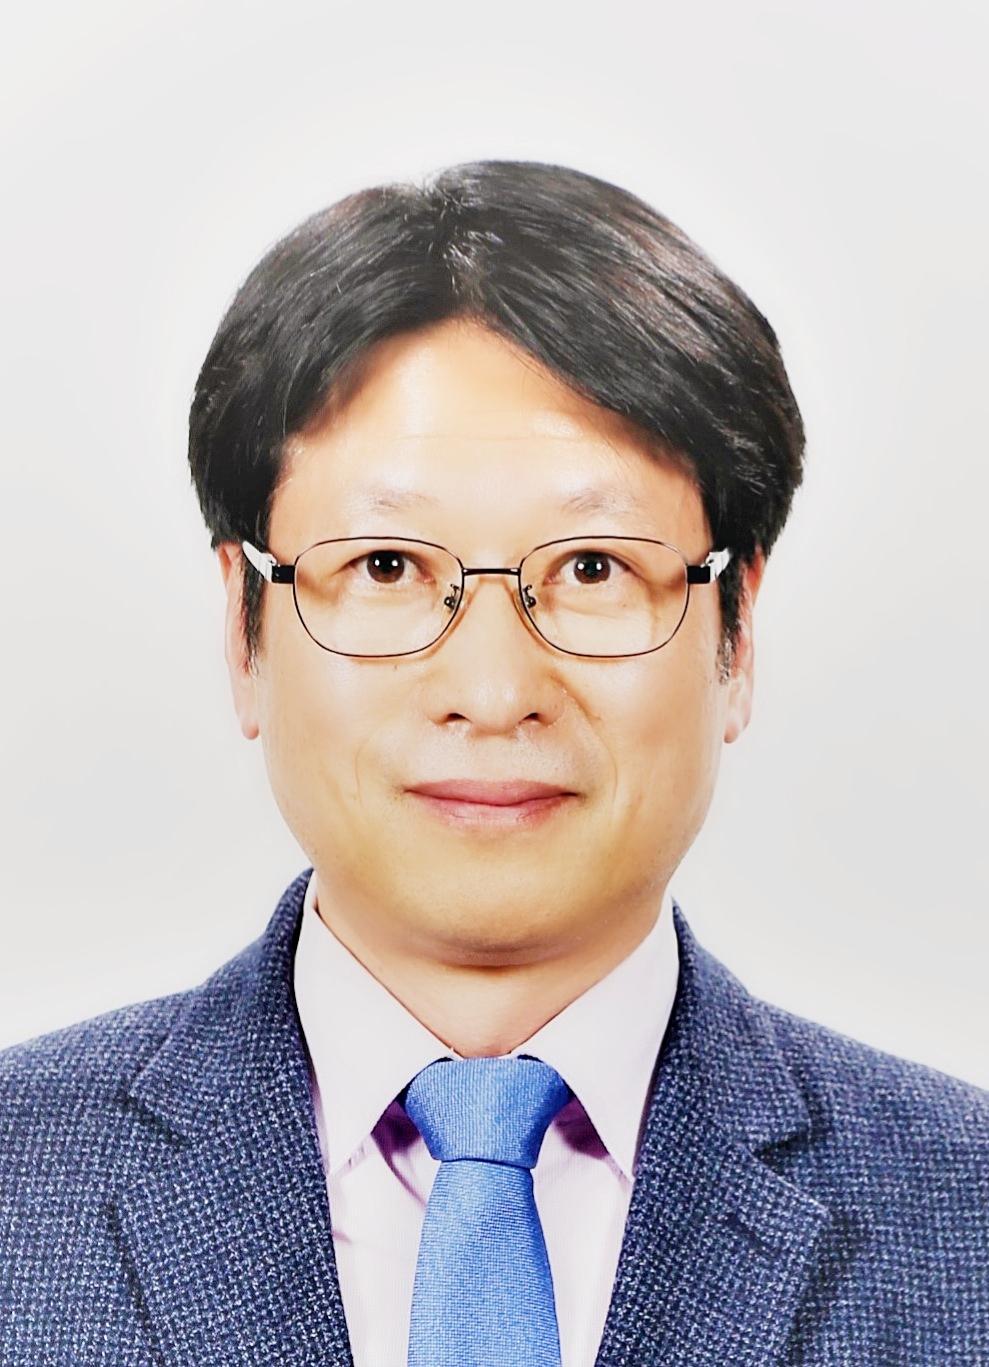 박상영 프로필사진